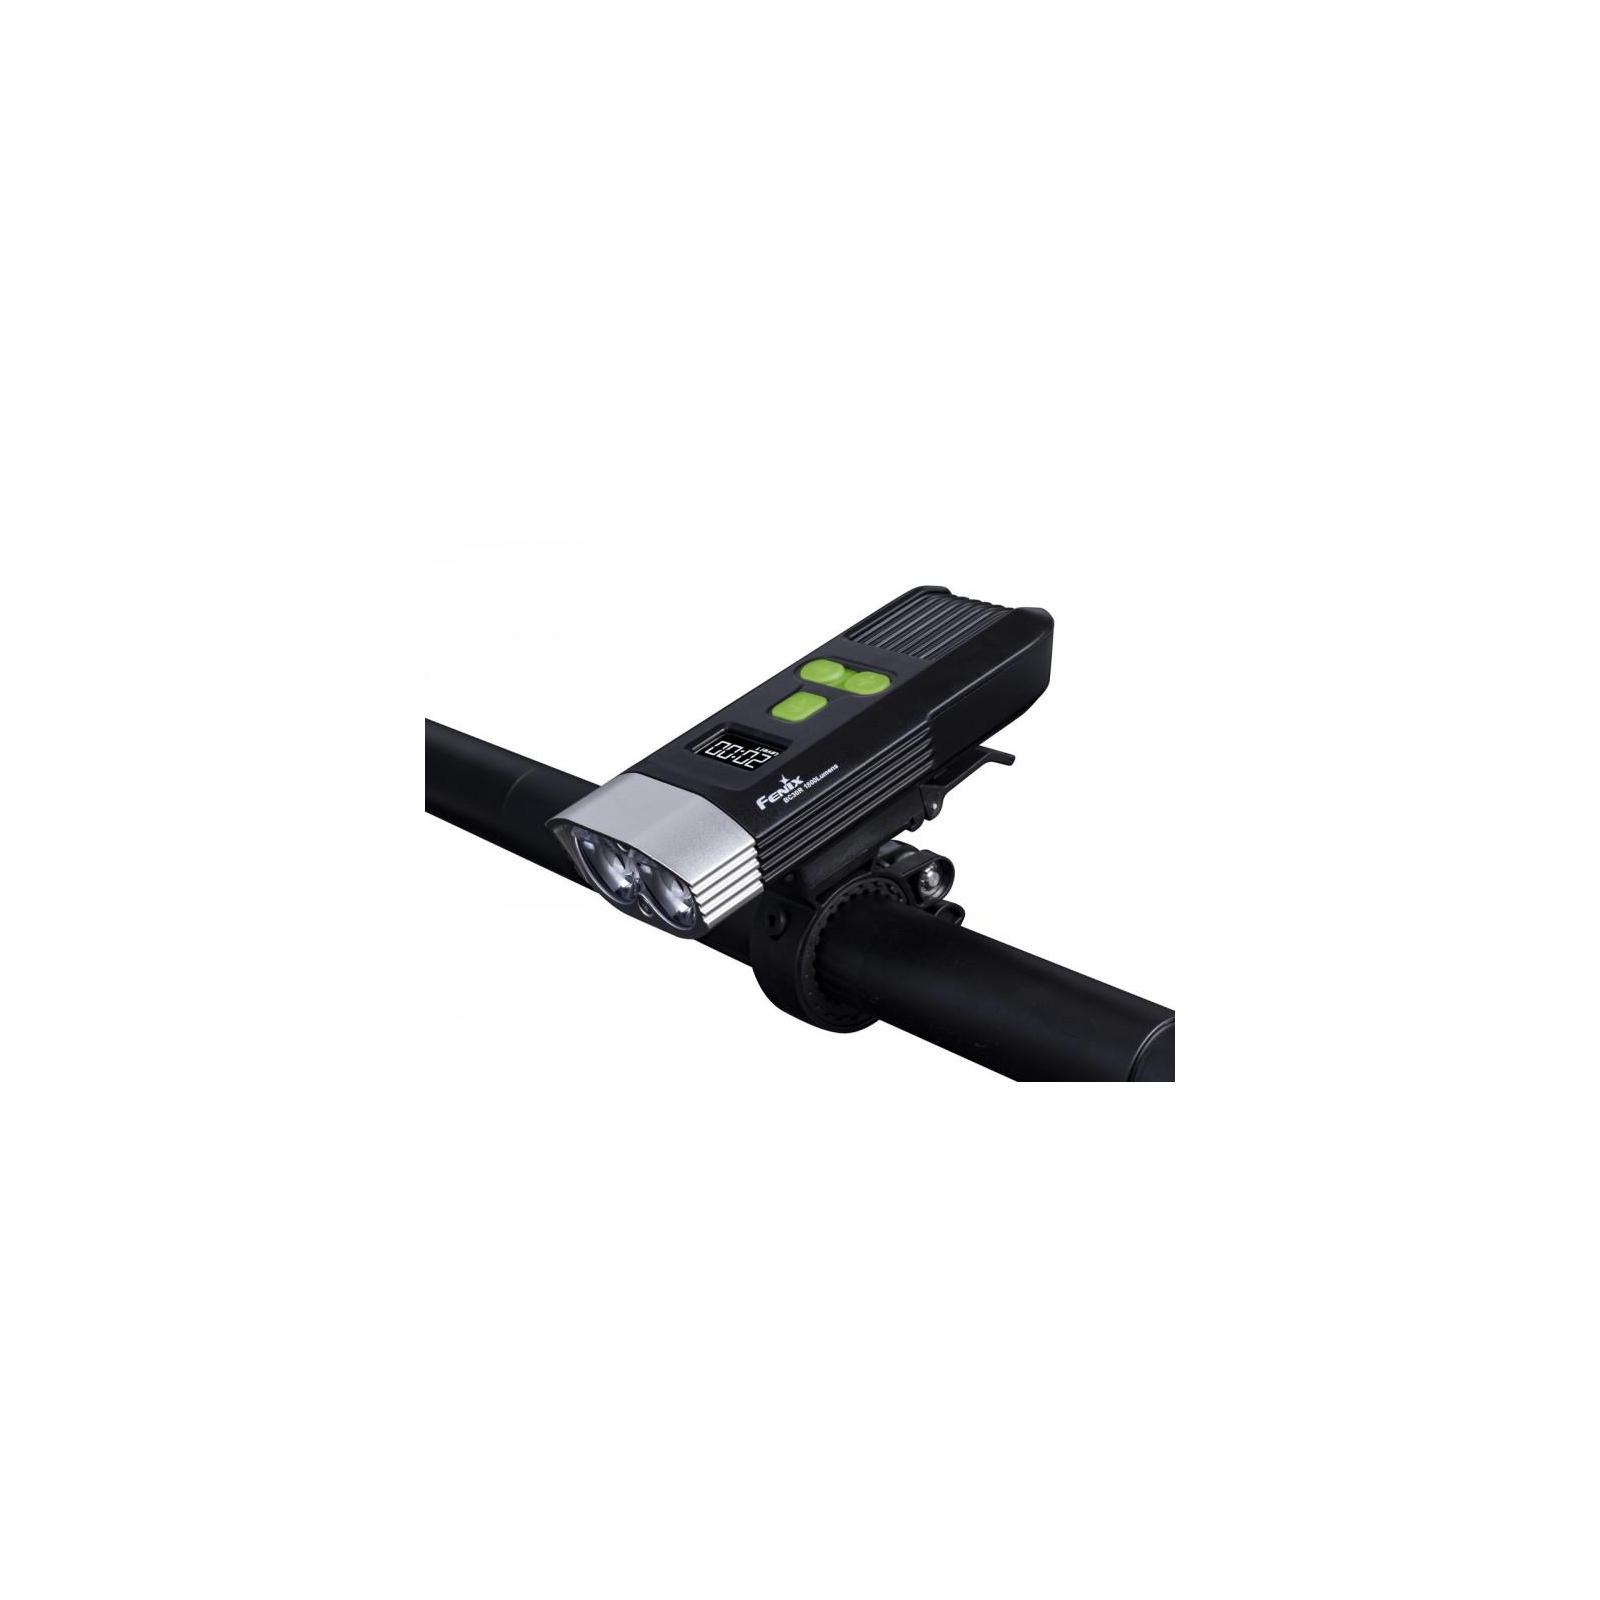 Передняя велофара Fenix BC30R 2017 (XM-L2 T6, USB RECHARGEABLE) (BC30R2017) изображение 4